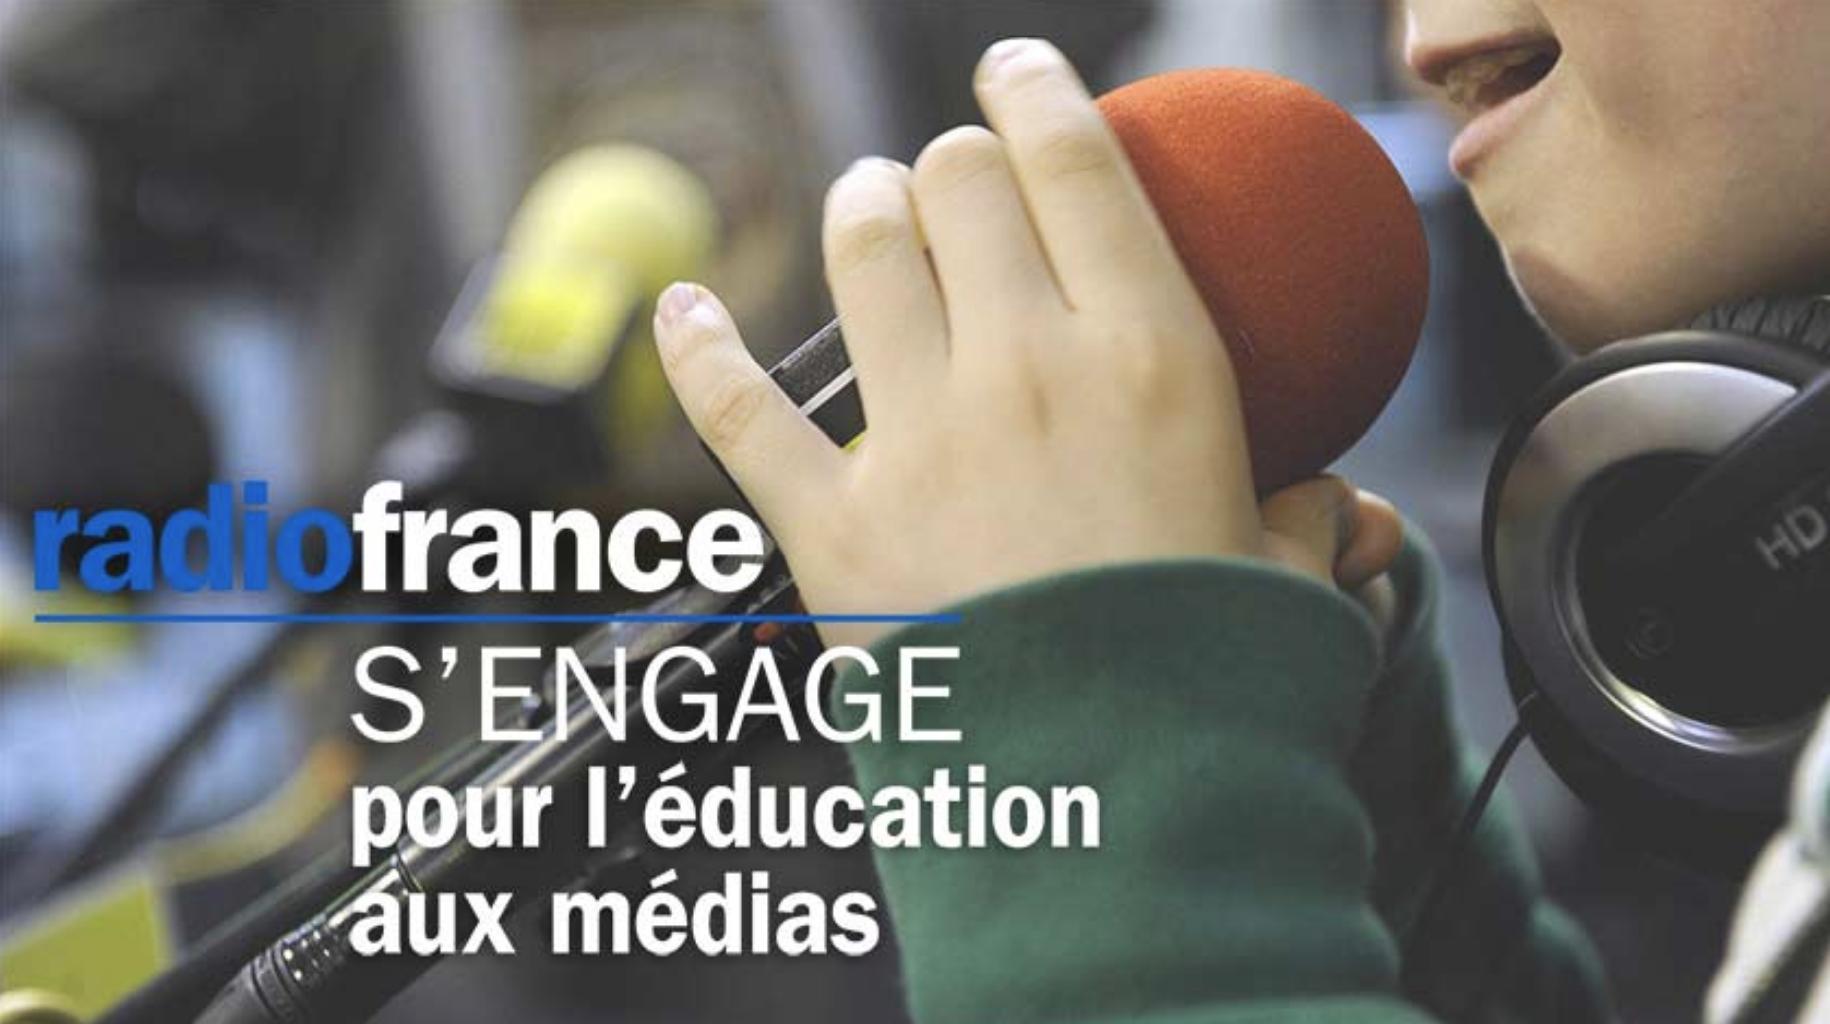 Radio France partie prenante de la Semaine de la presse